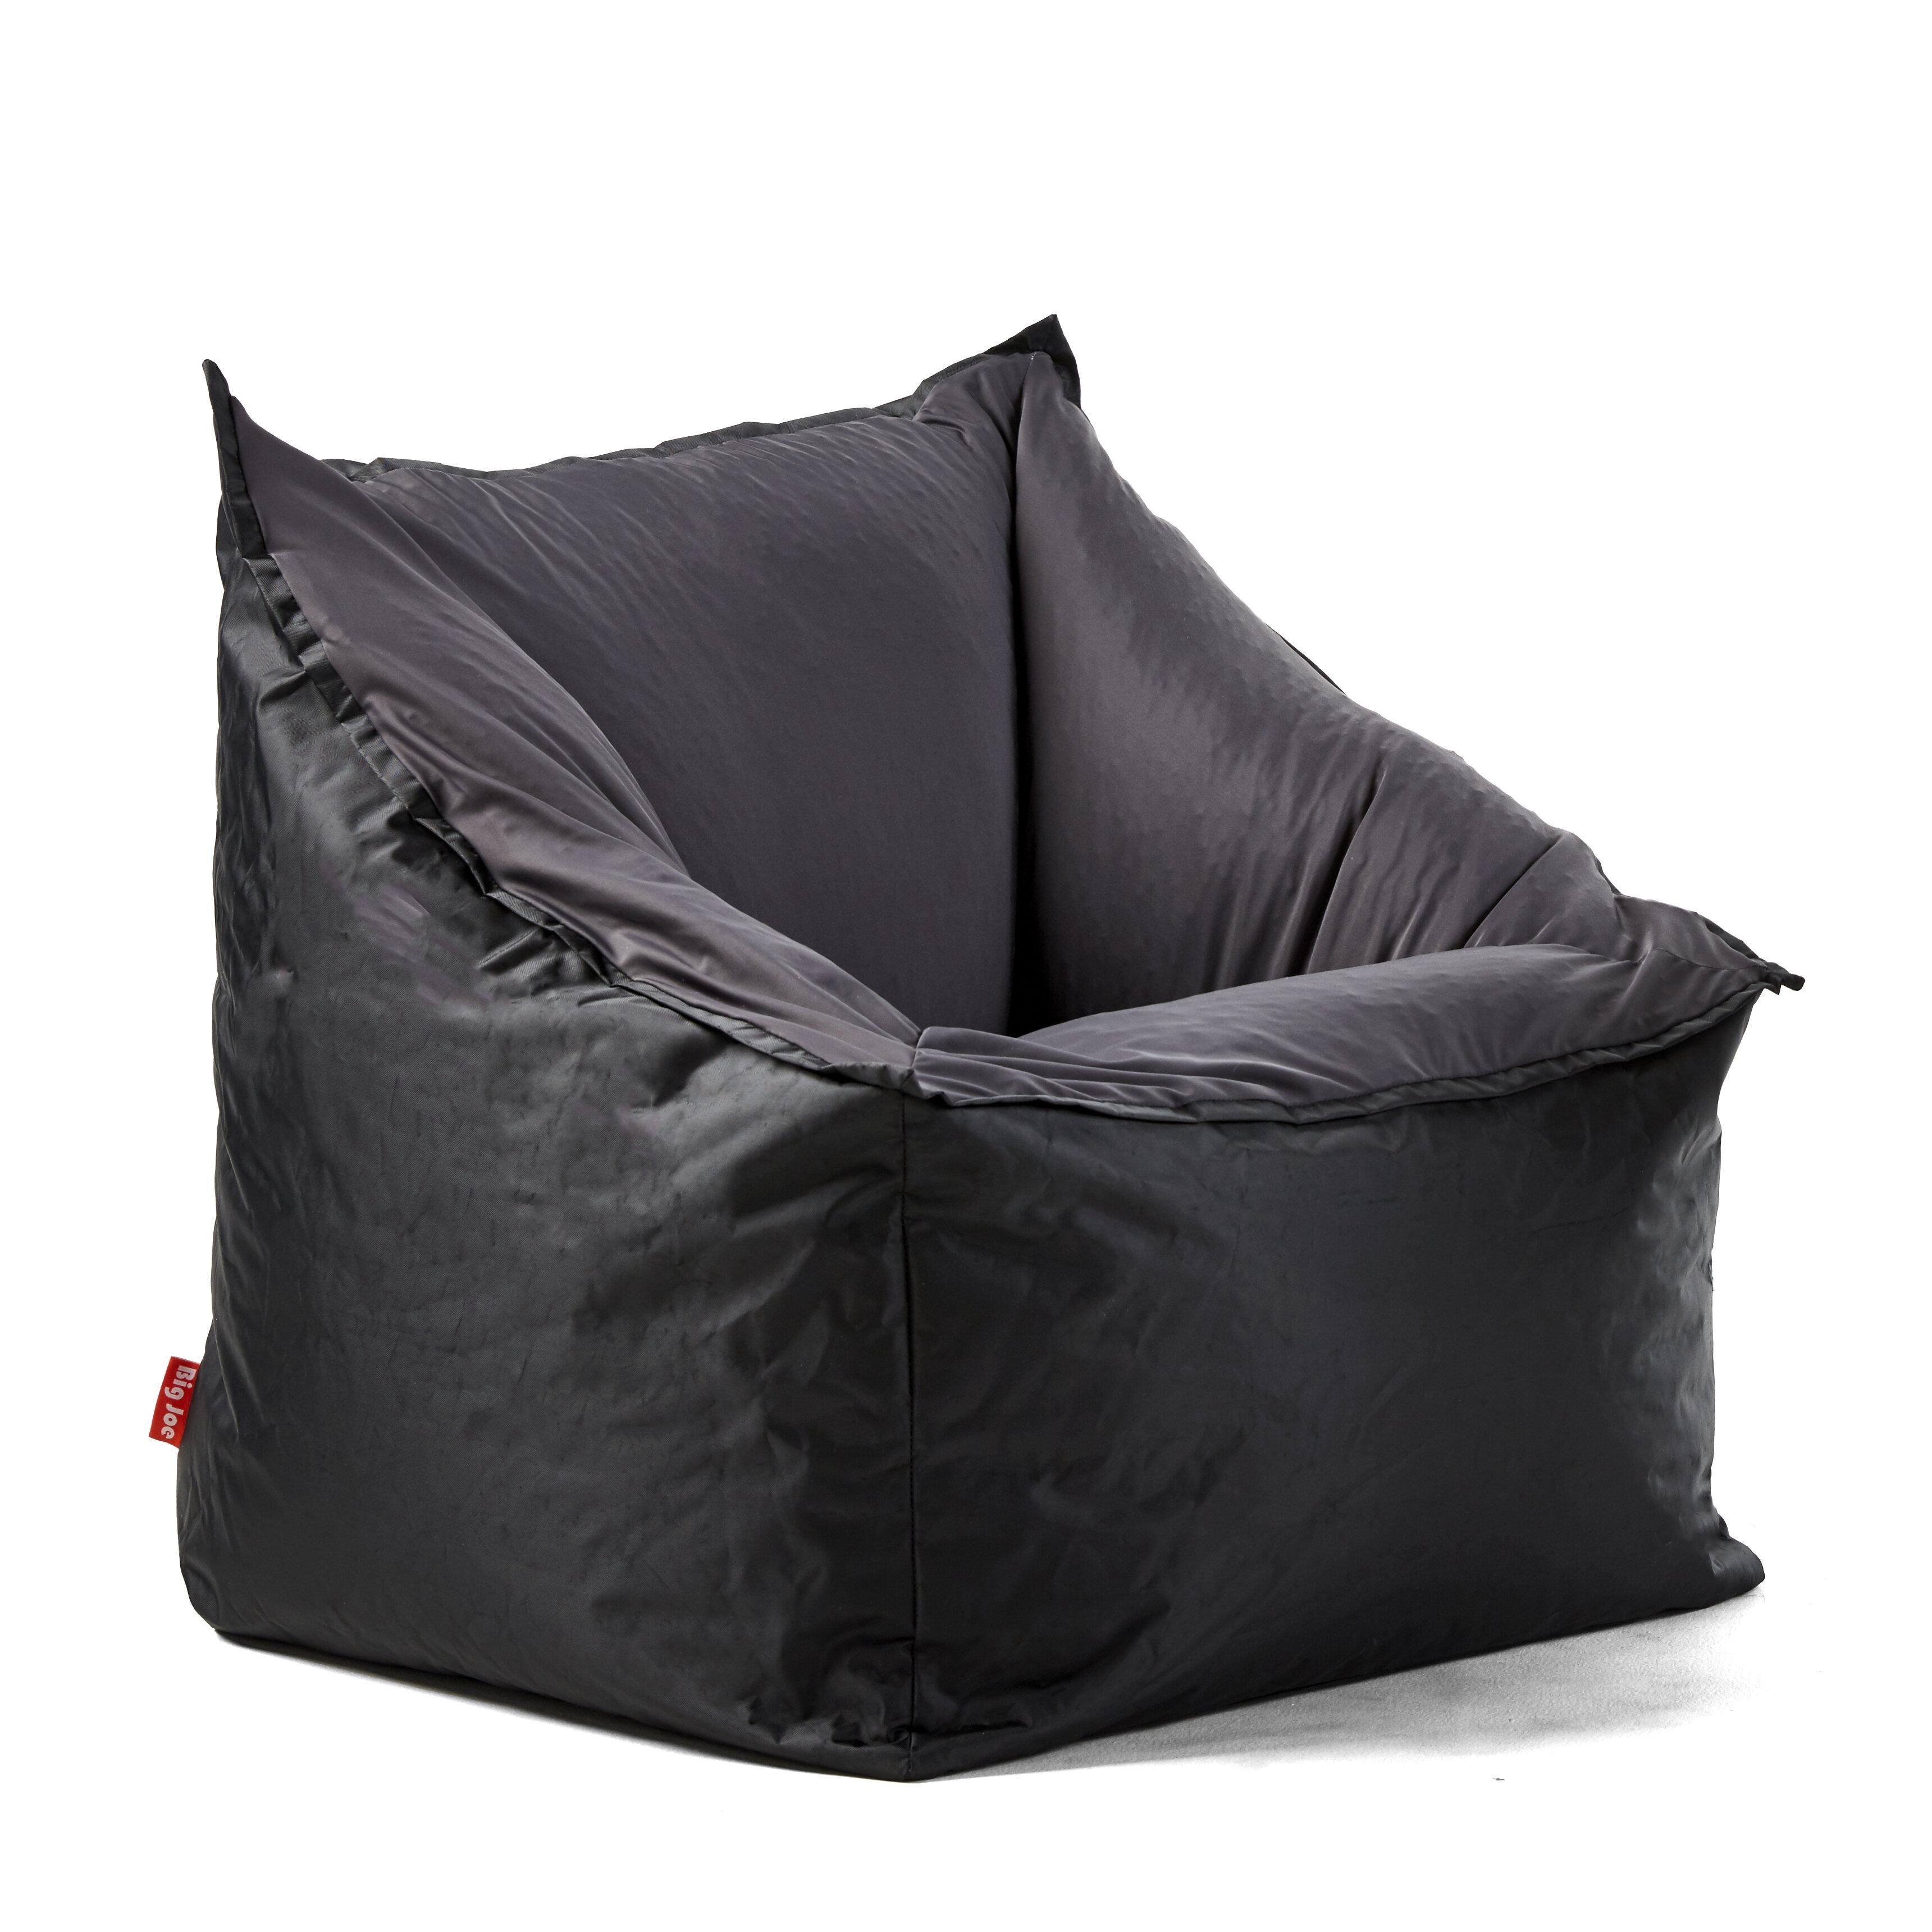 Bon Comfort Research Big Joe Slalom Bean Bag Chair U0026 Reviews   Wayfair